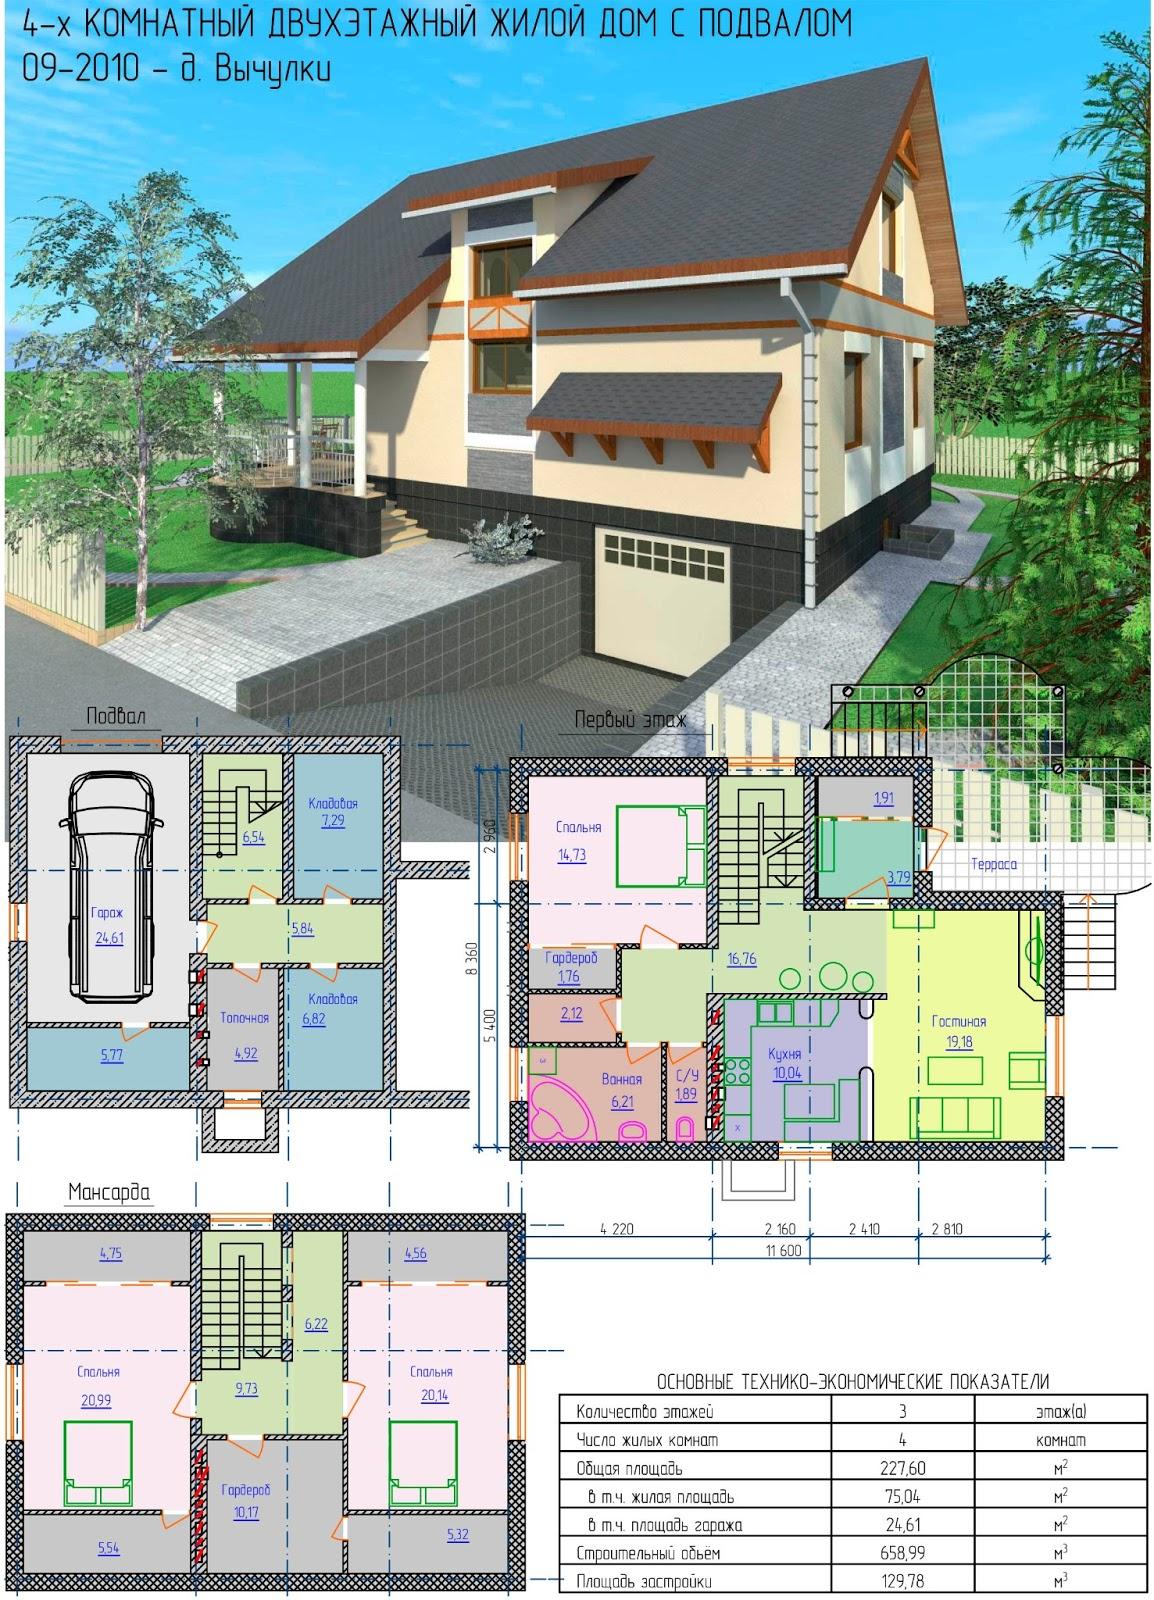 Дизайн дома внутри 200+ фото интерьеров